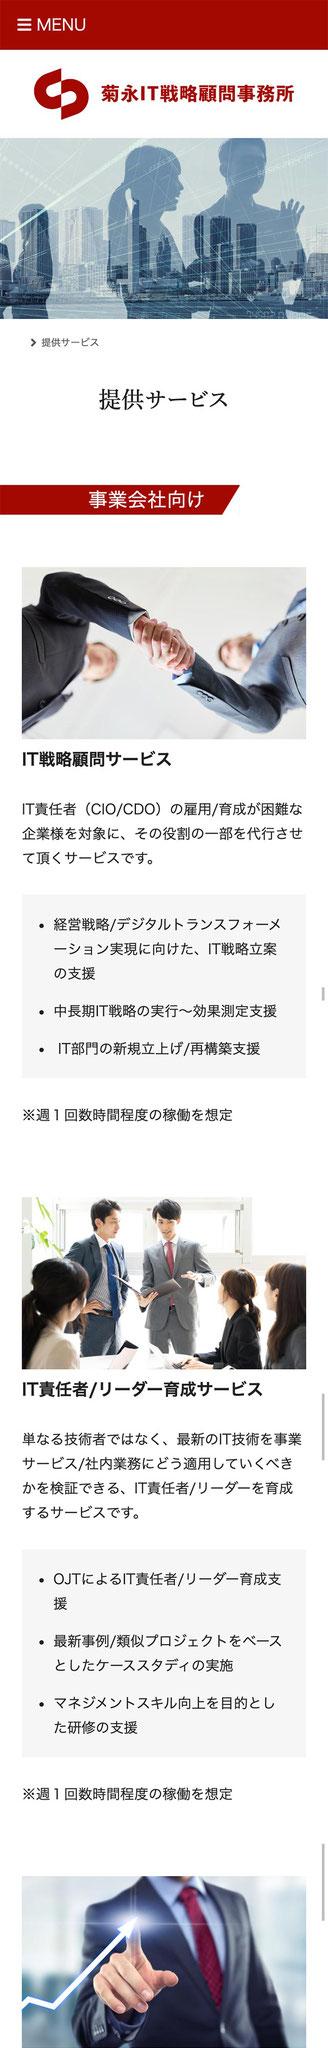 「提供サービス」ページのモバイル表示1